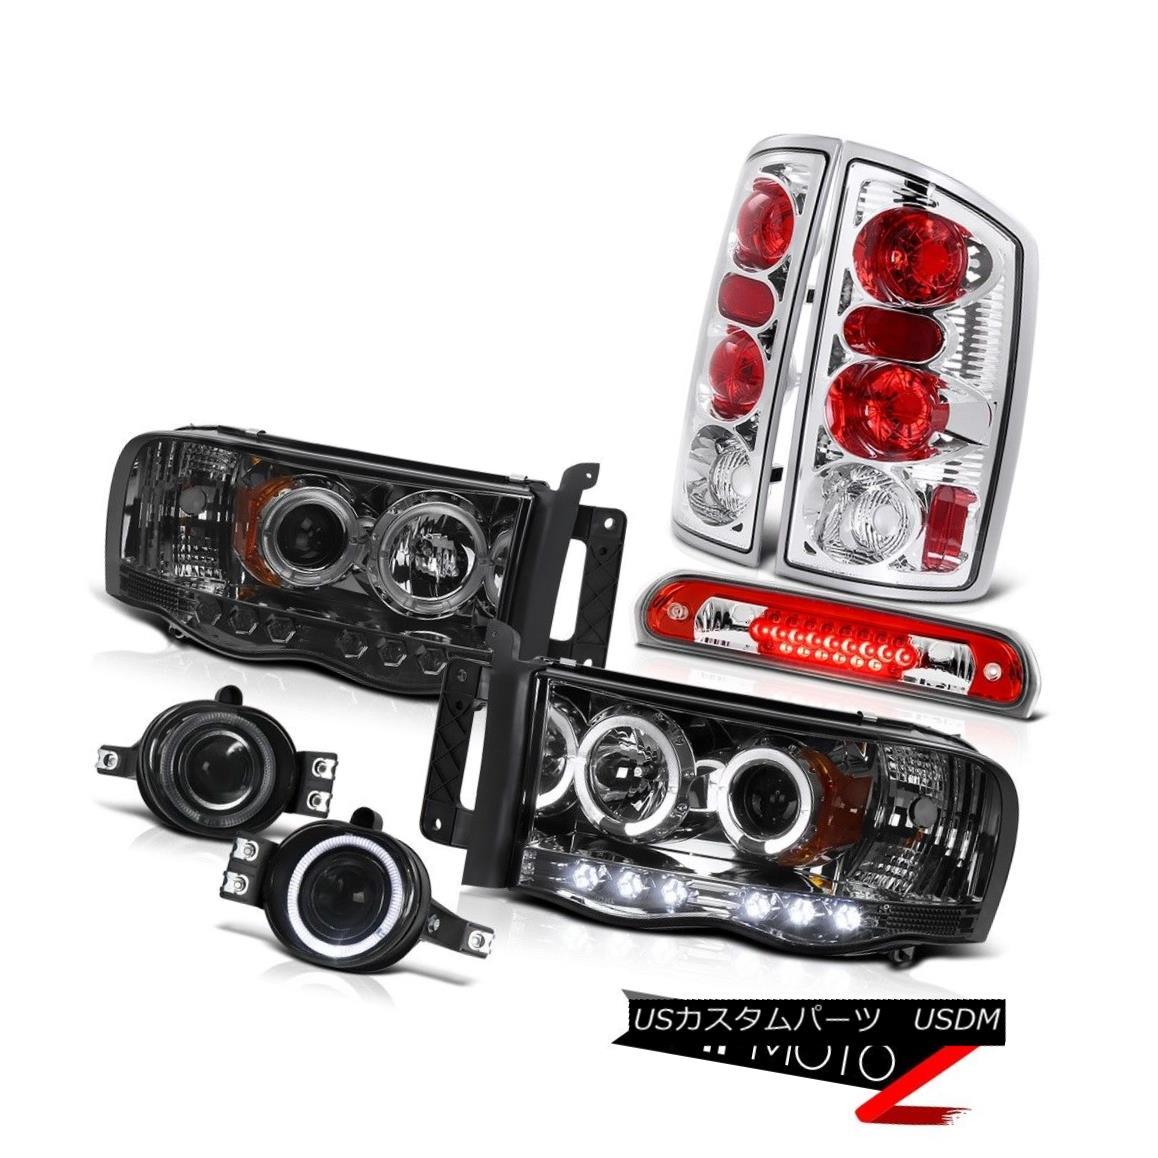 テールライト 2002-2005 Ram Magnum V8 Headlight Euro Taillamps Foglights Third Brake Cargo LED 2002 - 2005年ラムマグナムV8ヘッドライトユーロタイヤラップフォグライト第3ブレーキカーゴLED